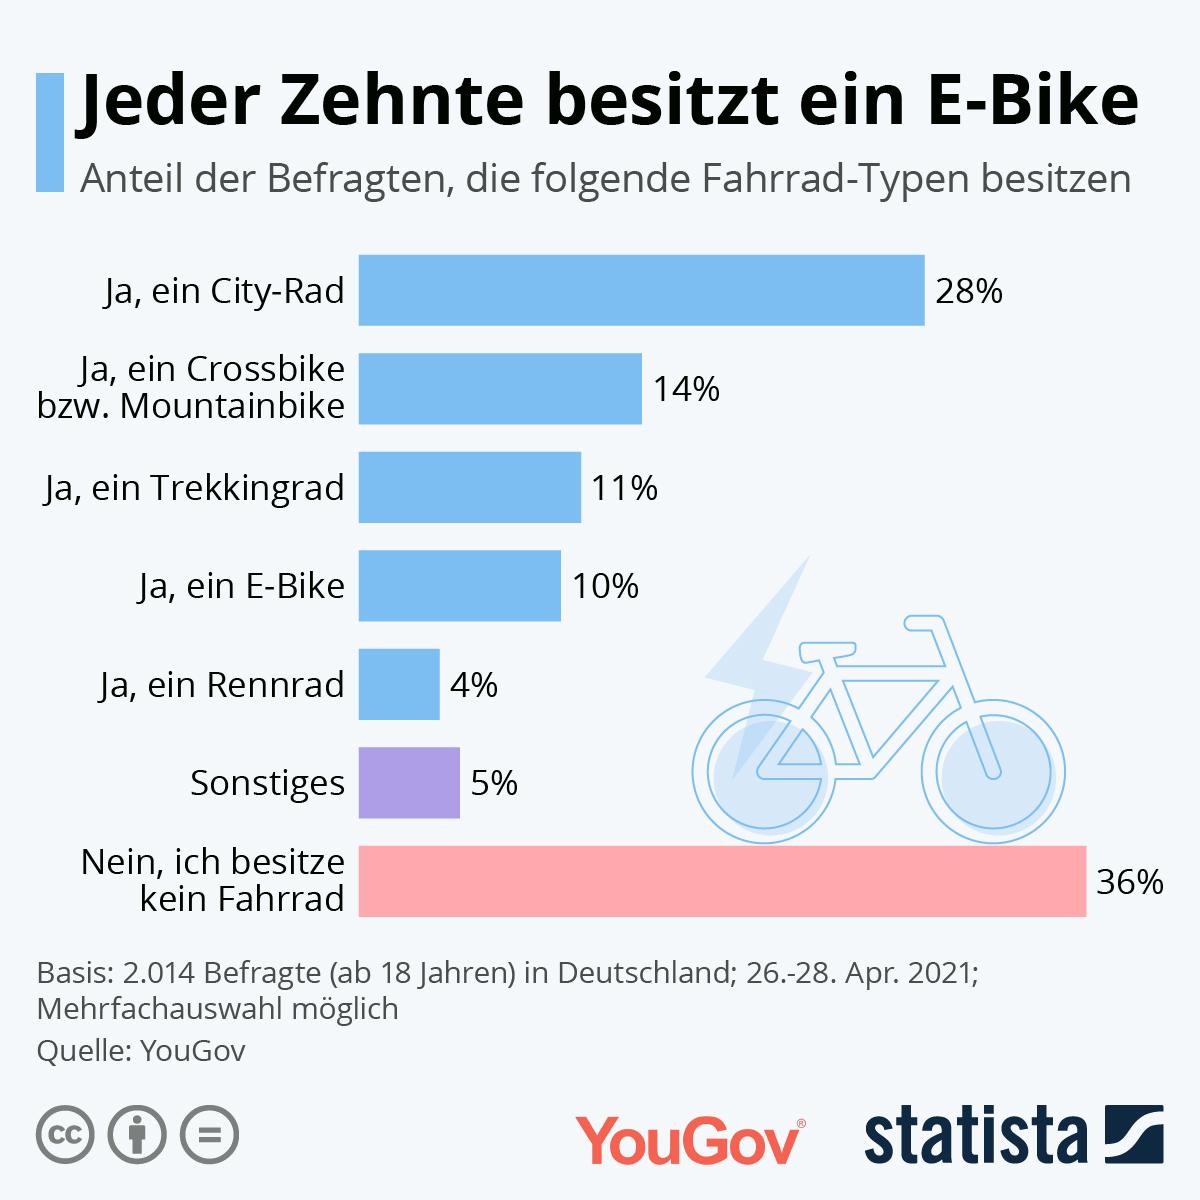 10 Prozent der Deutschen besitzen ein E-Bike